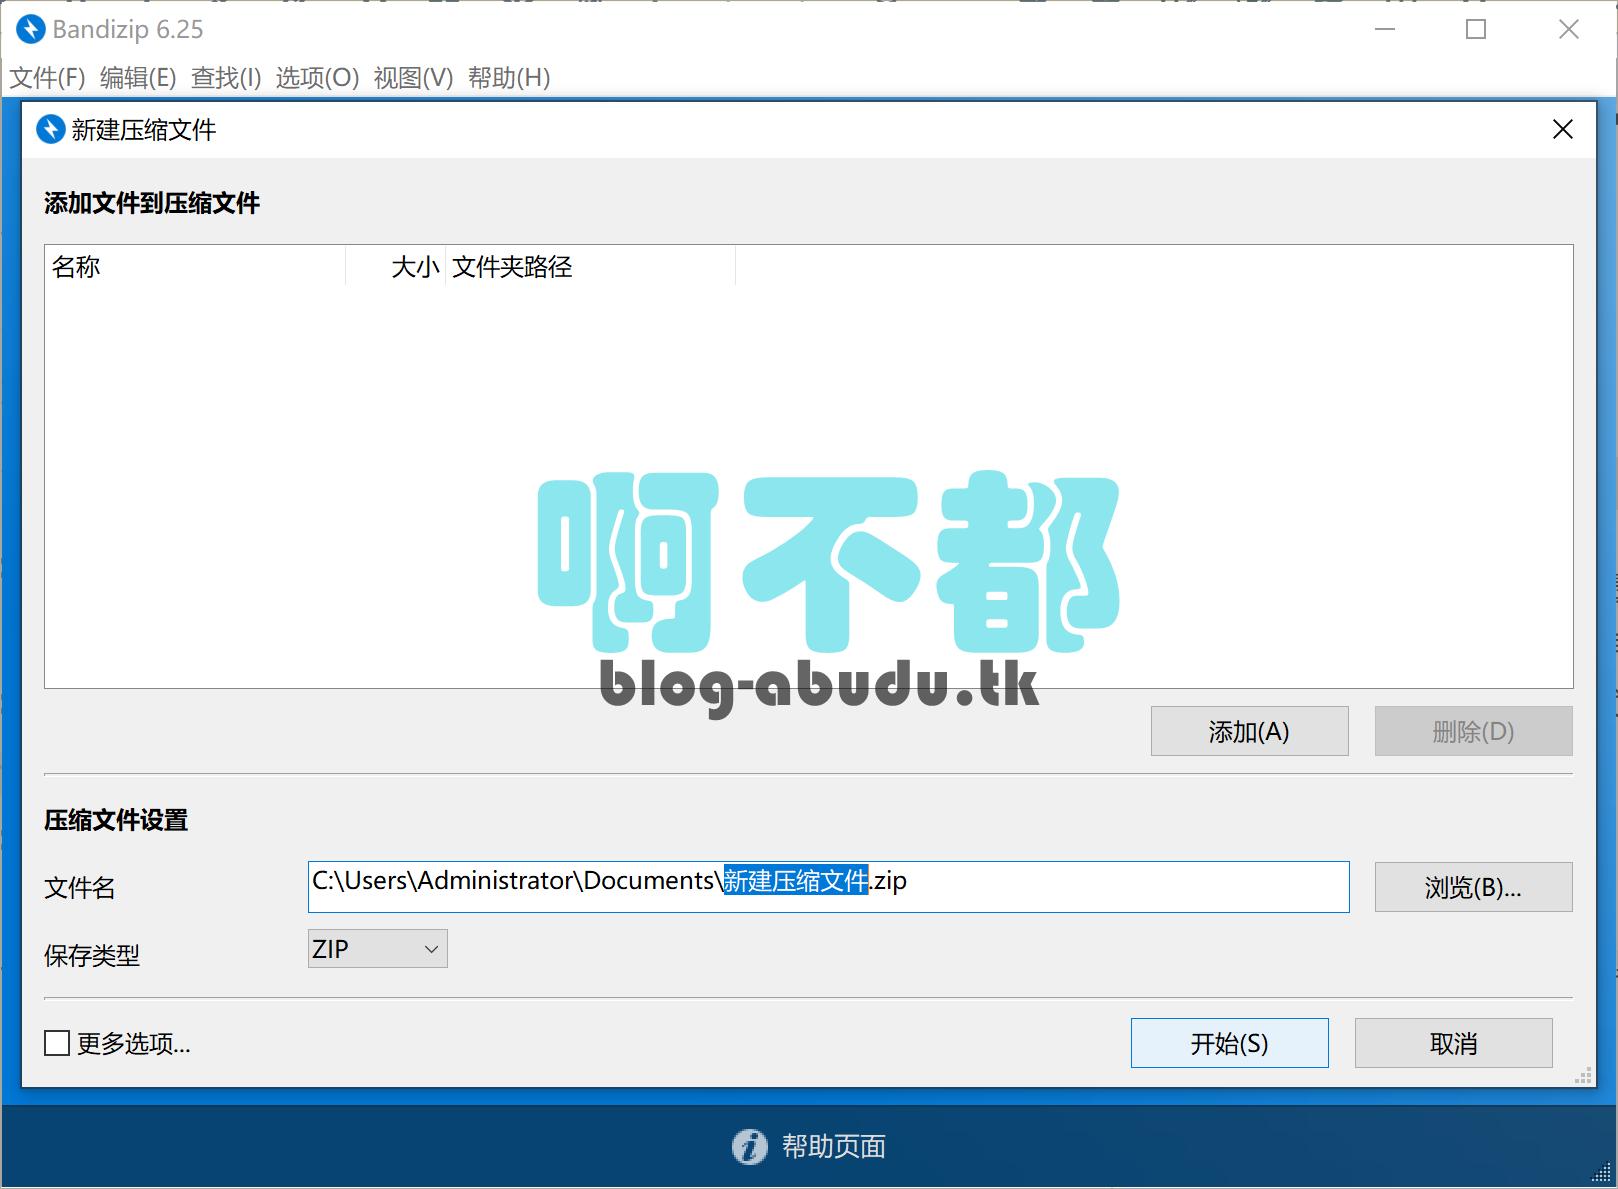 免费无广告的压缩软件 Bandizip插图(1)